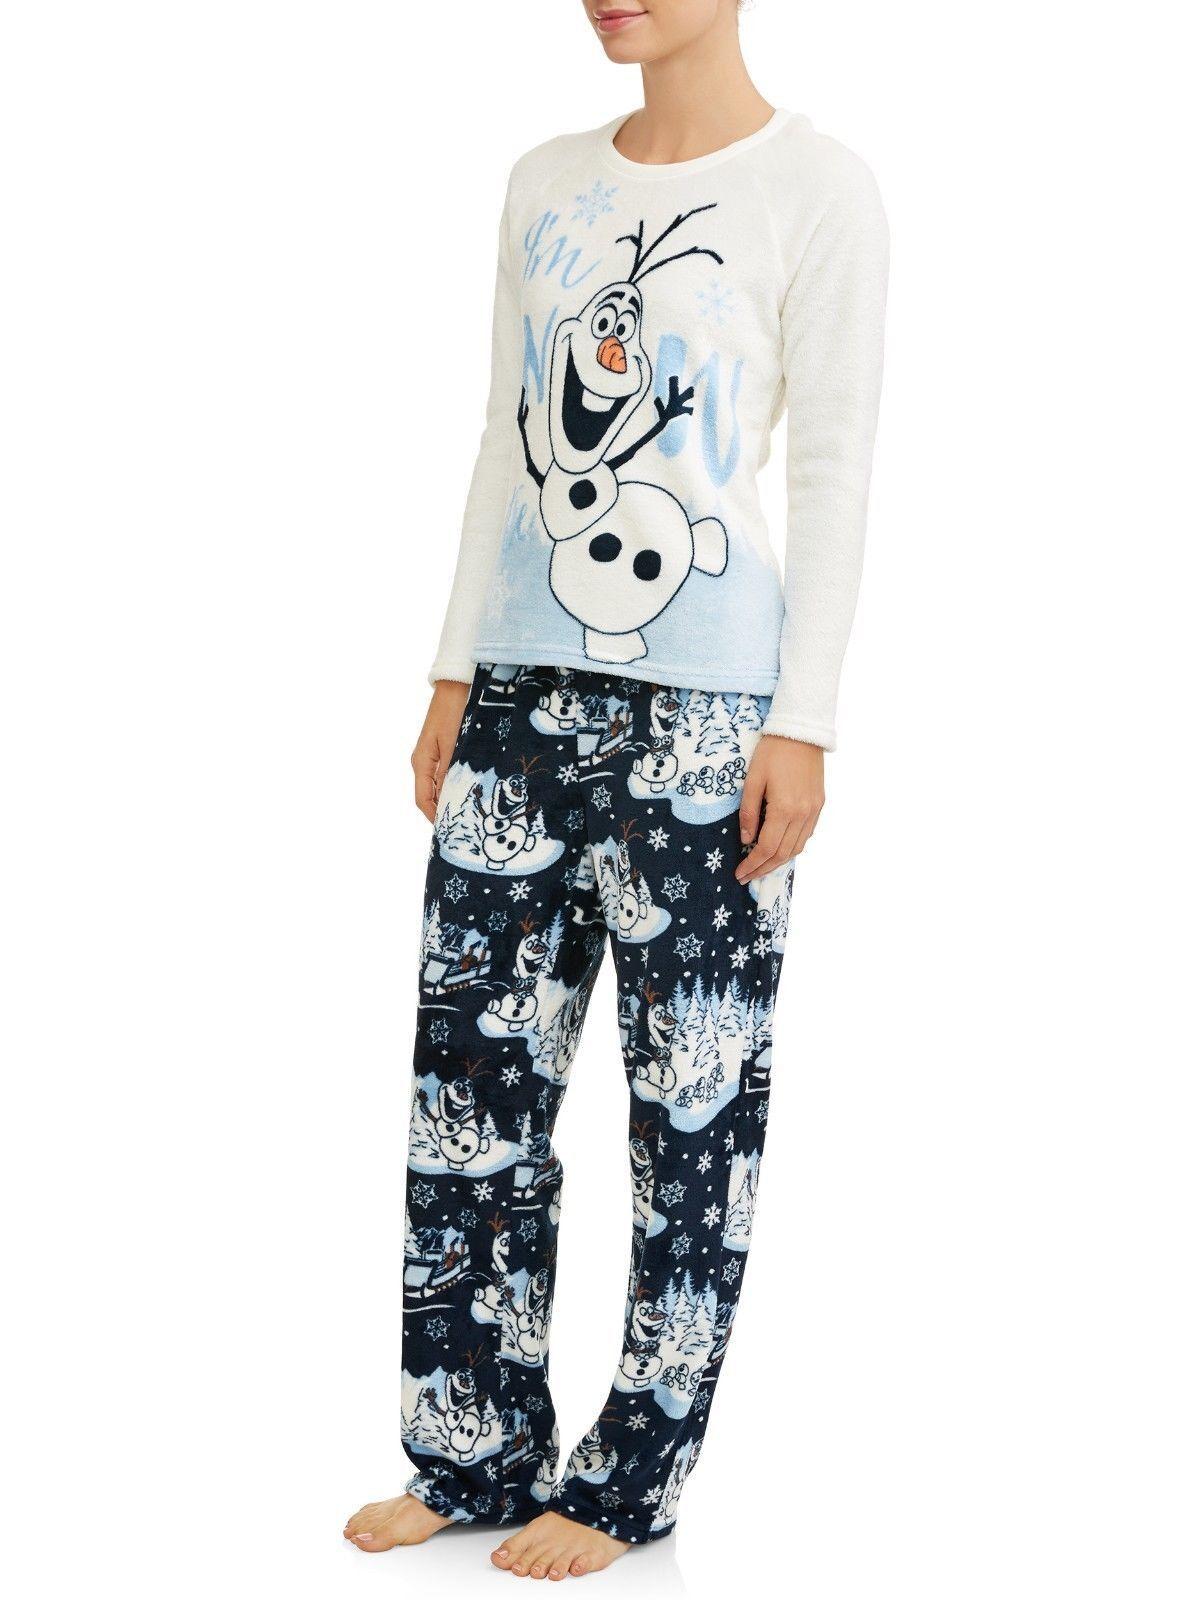 Olaf Frozen pajamas womens 3X set plush fleece Im so cute 22W 24W new K7